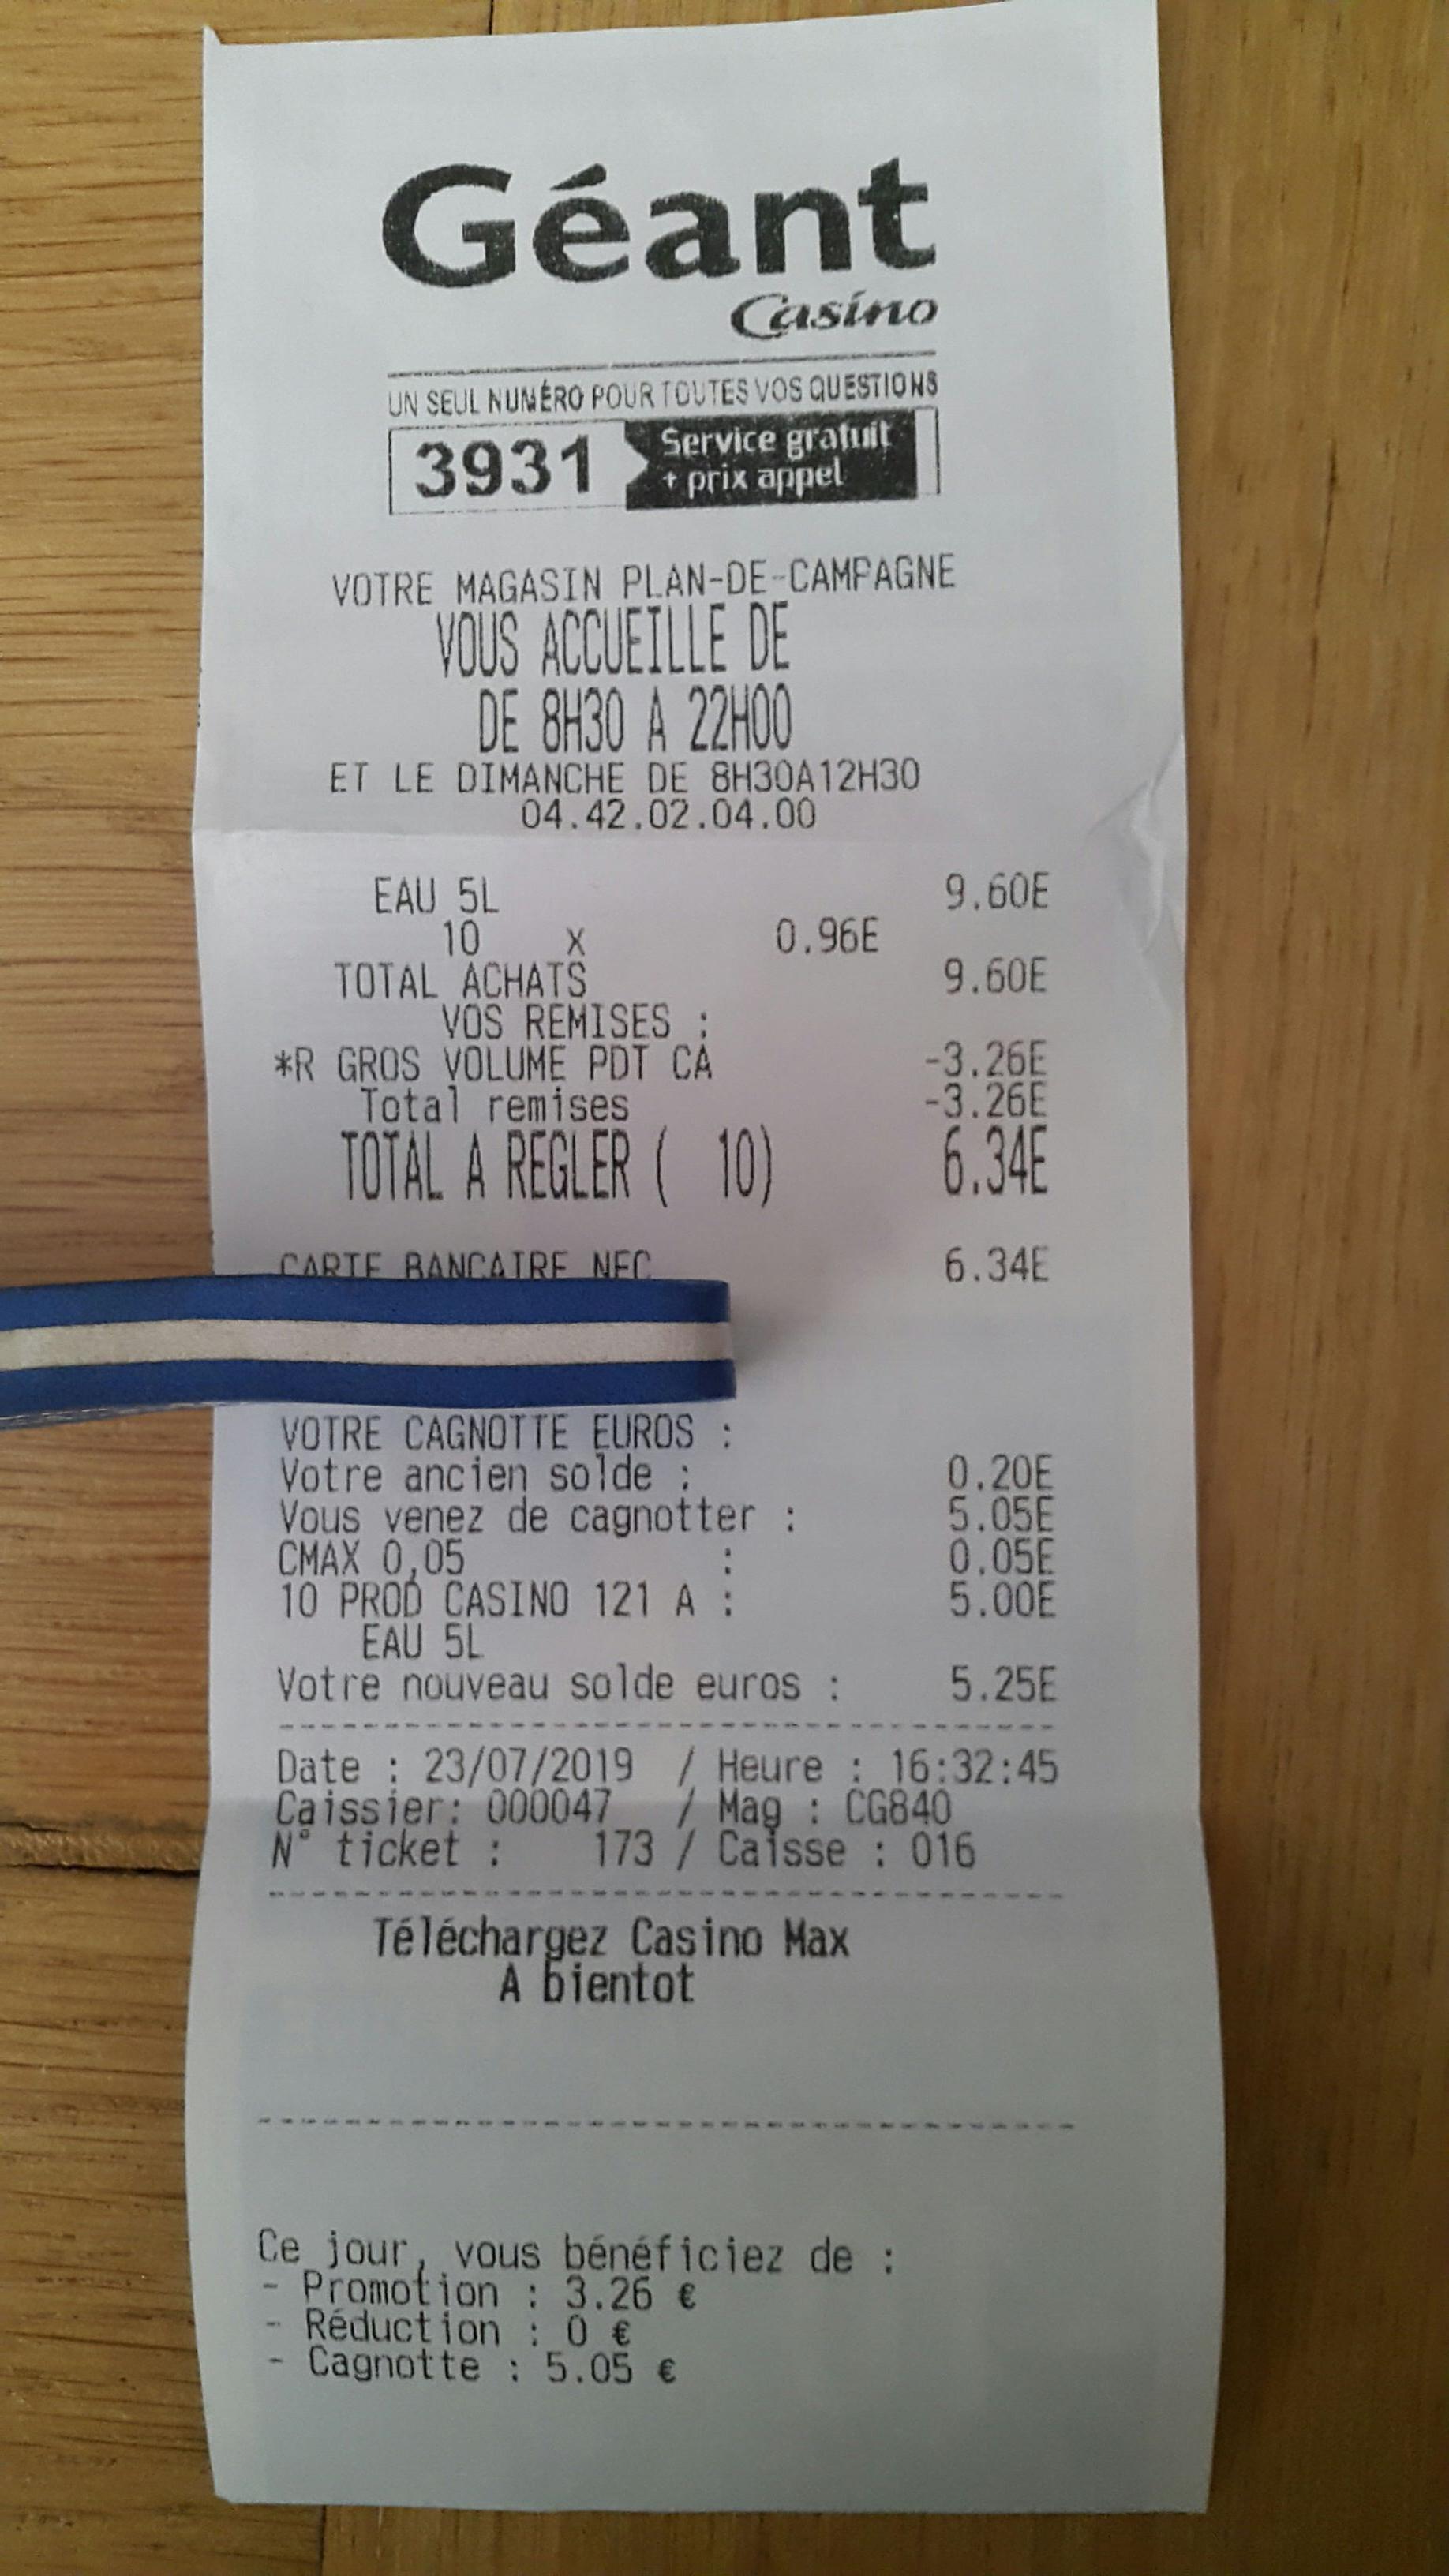 Lot de 10 bonbonnes d'eau de source de montagne des Écrins Casino - 10x5 L (via 5€ sur la carte de fidélité) - Les Pennes-Mirabeau (13)